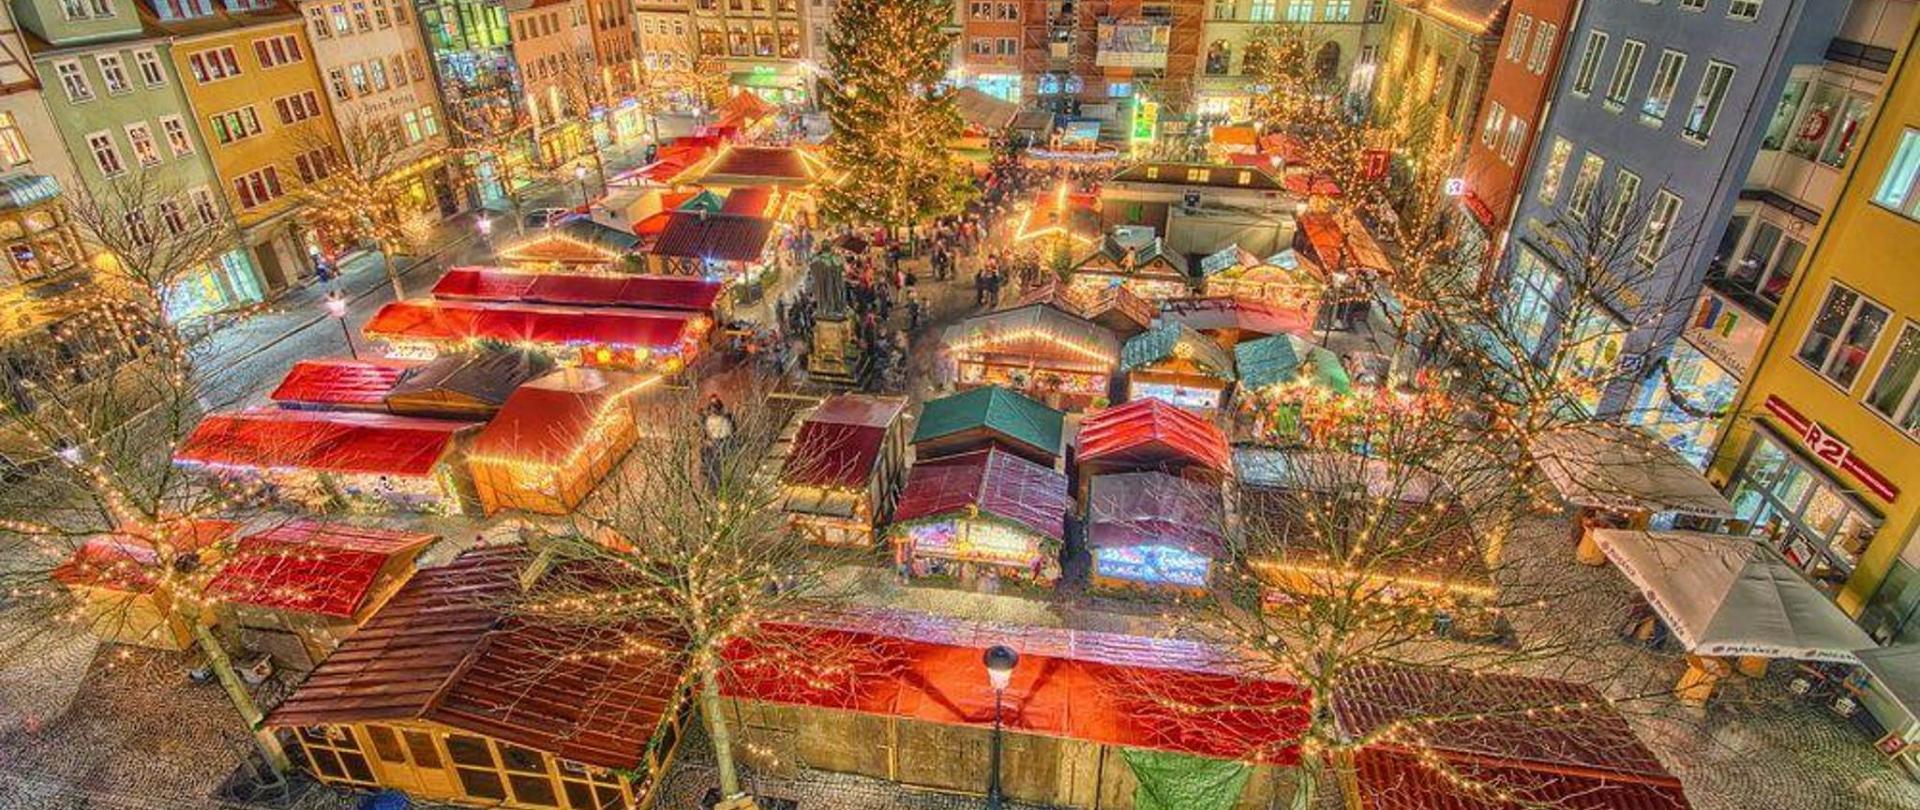 weihnachtsmarkt-1.jpg